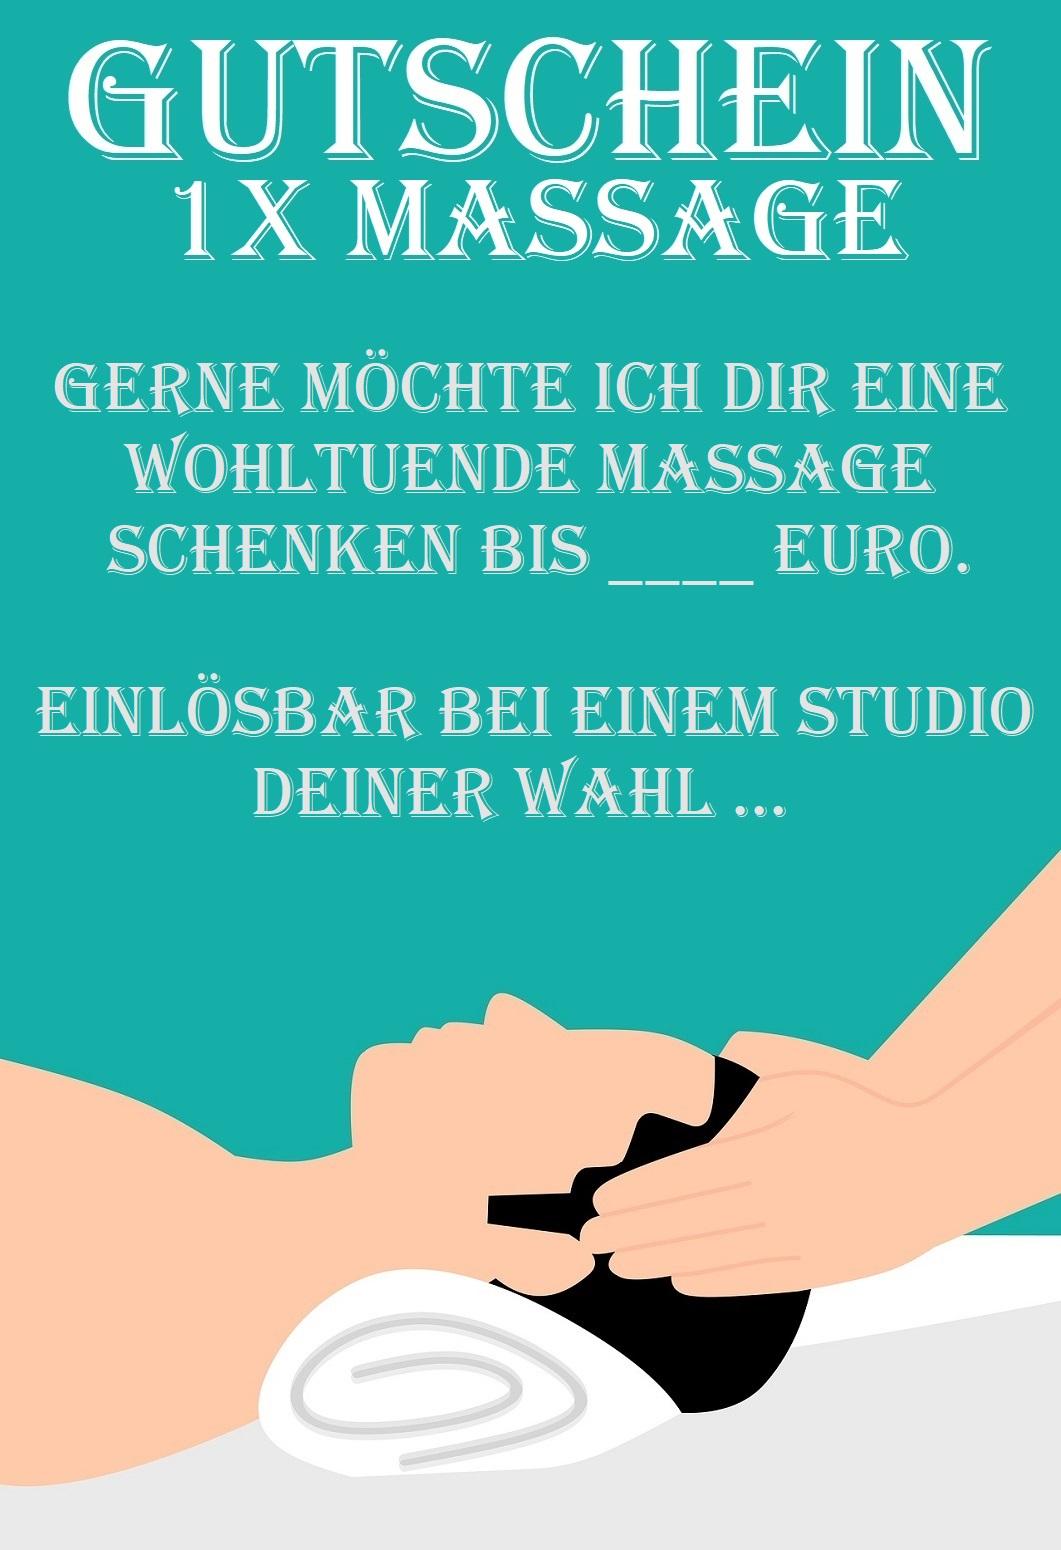 Spruche Wellness Bilder Lustig